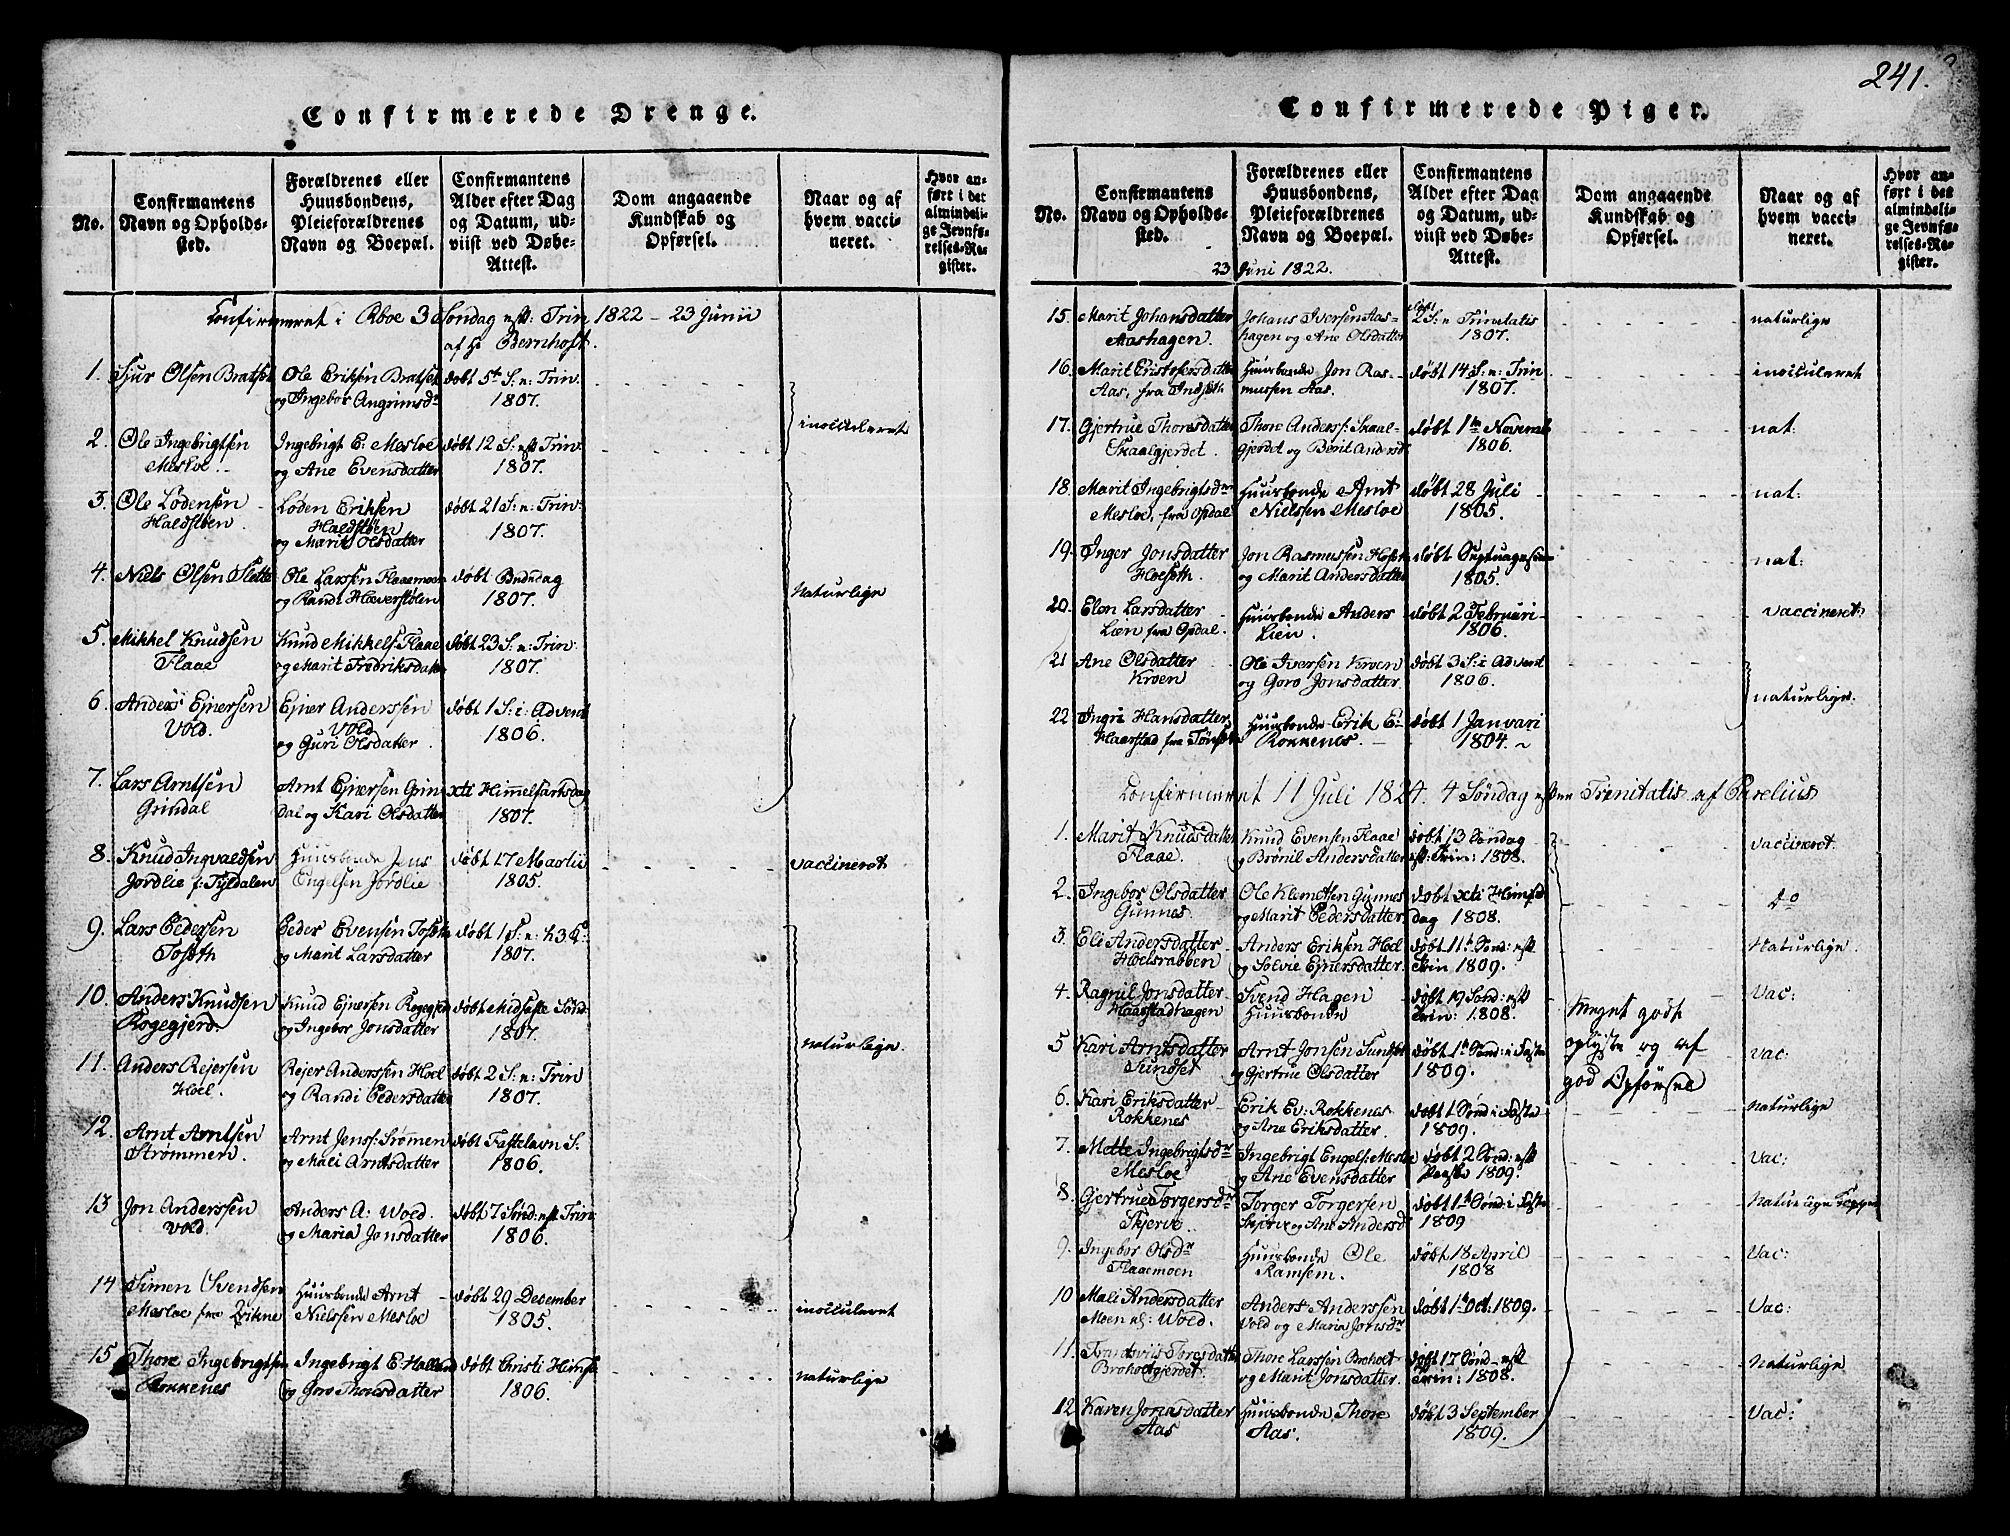 SAT, Ministerialprotokoller, klokkerbøker og fødselsregistre - Sør-Trøndelag, 674/L0874: Klokkerbok nr. 674C01, 1816-1860, s. 241